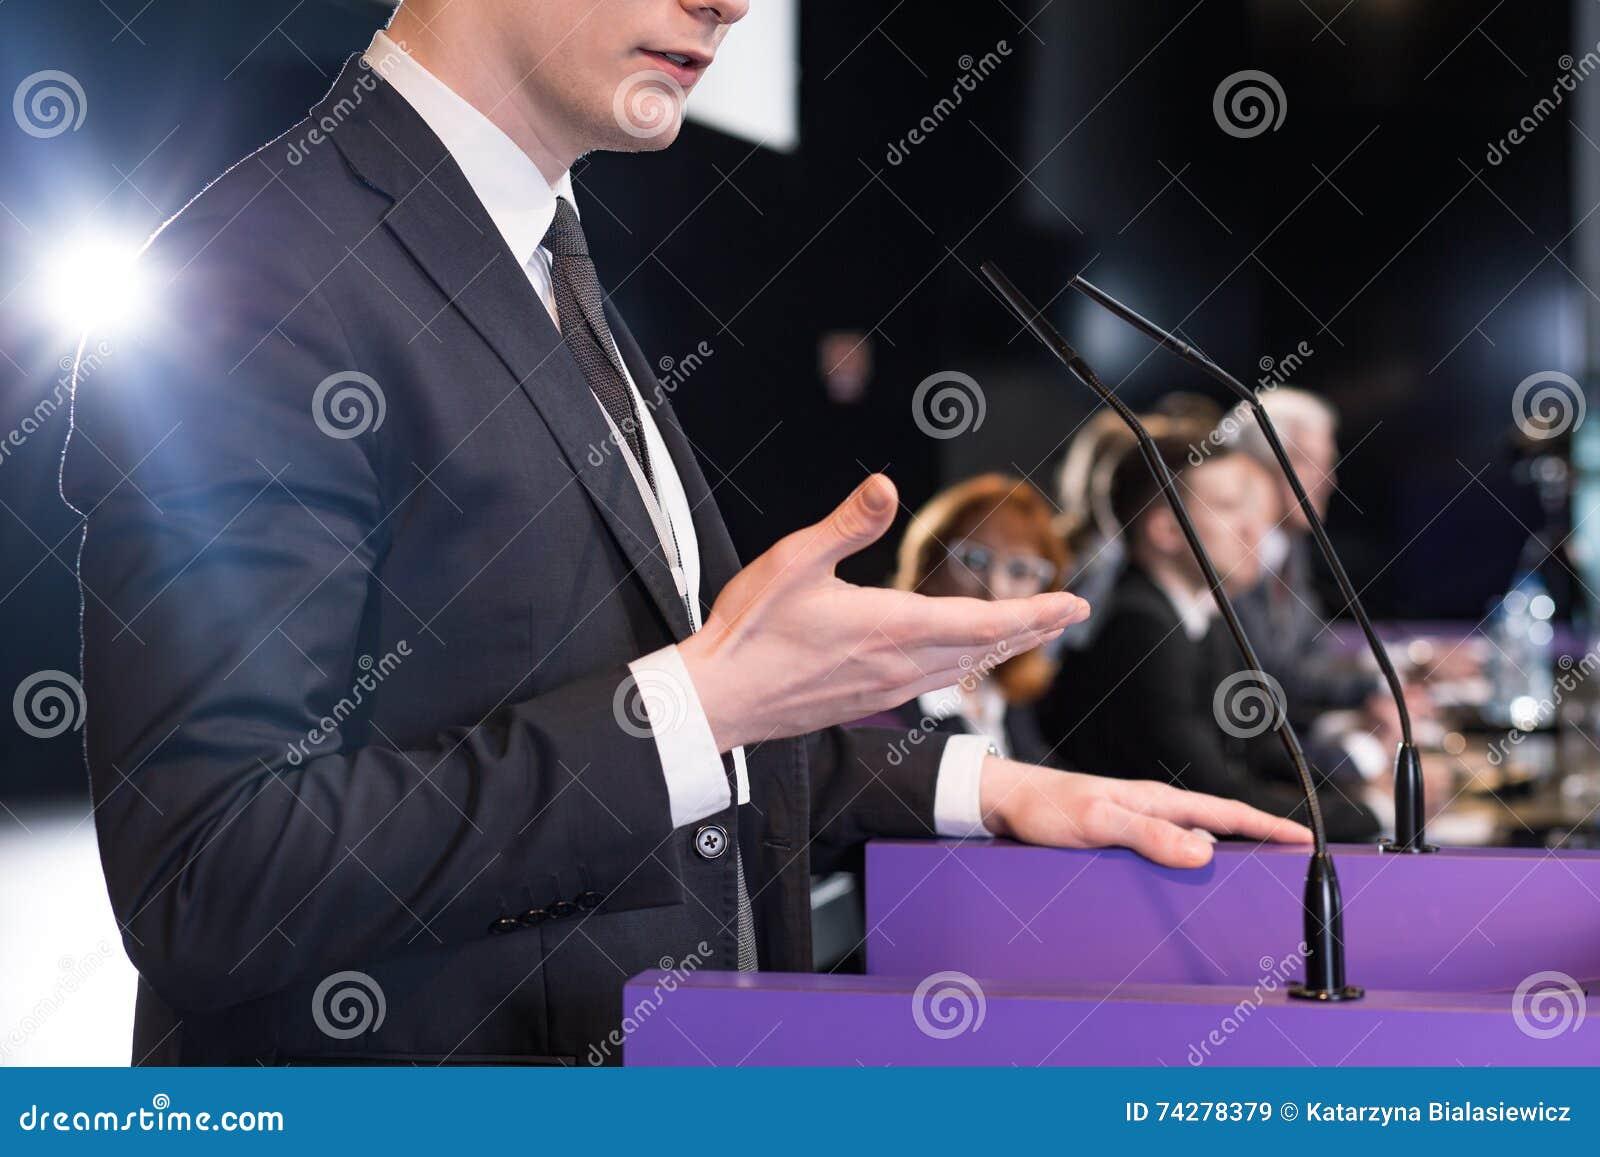 Convincing speech